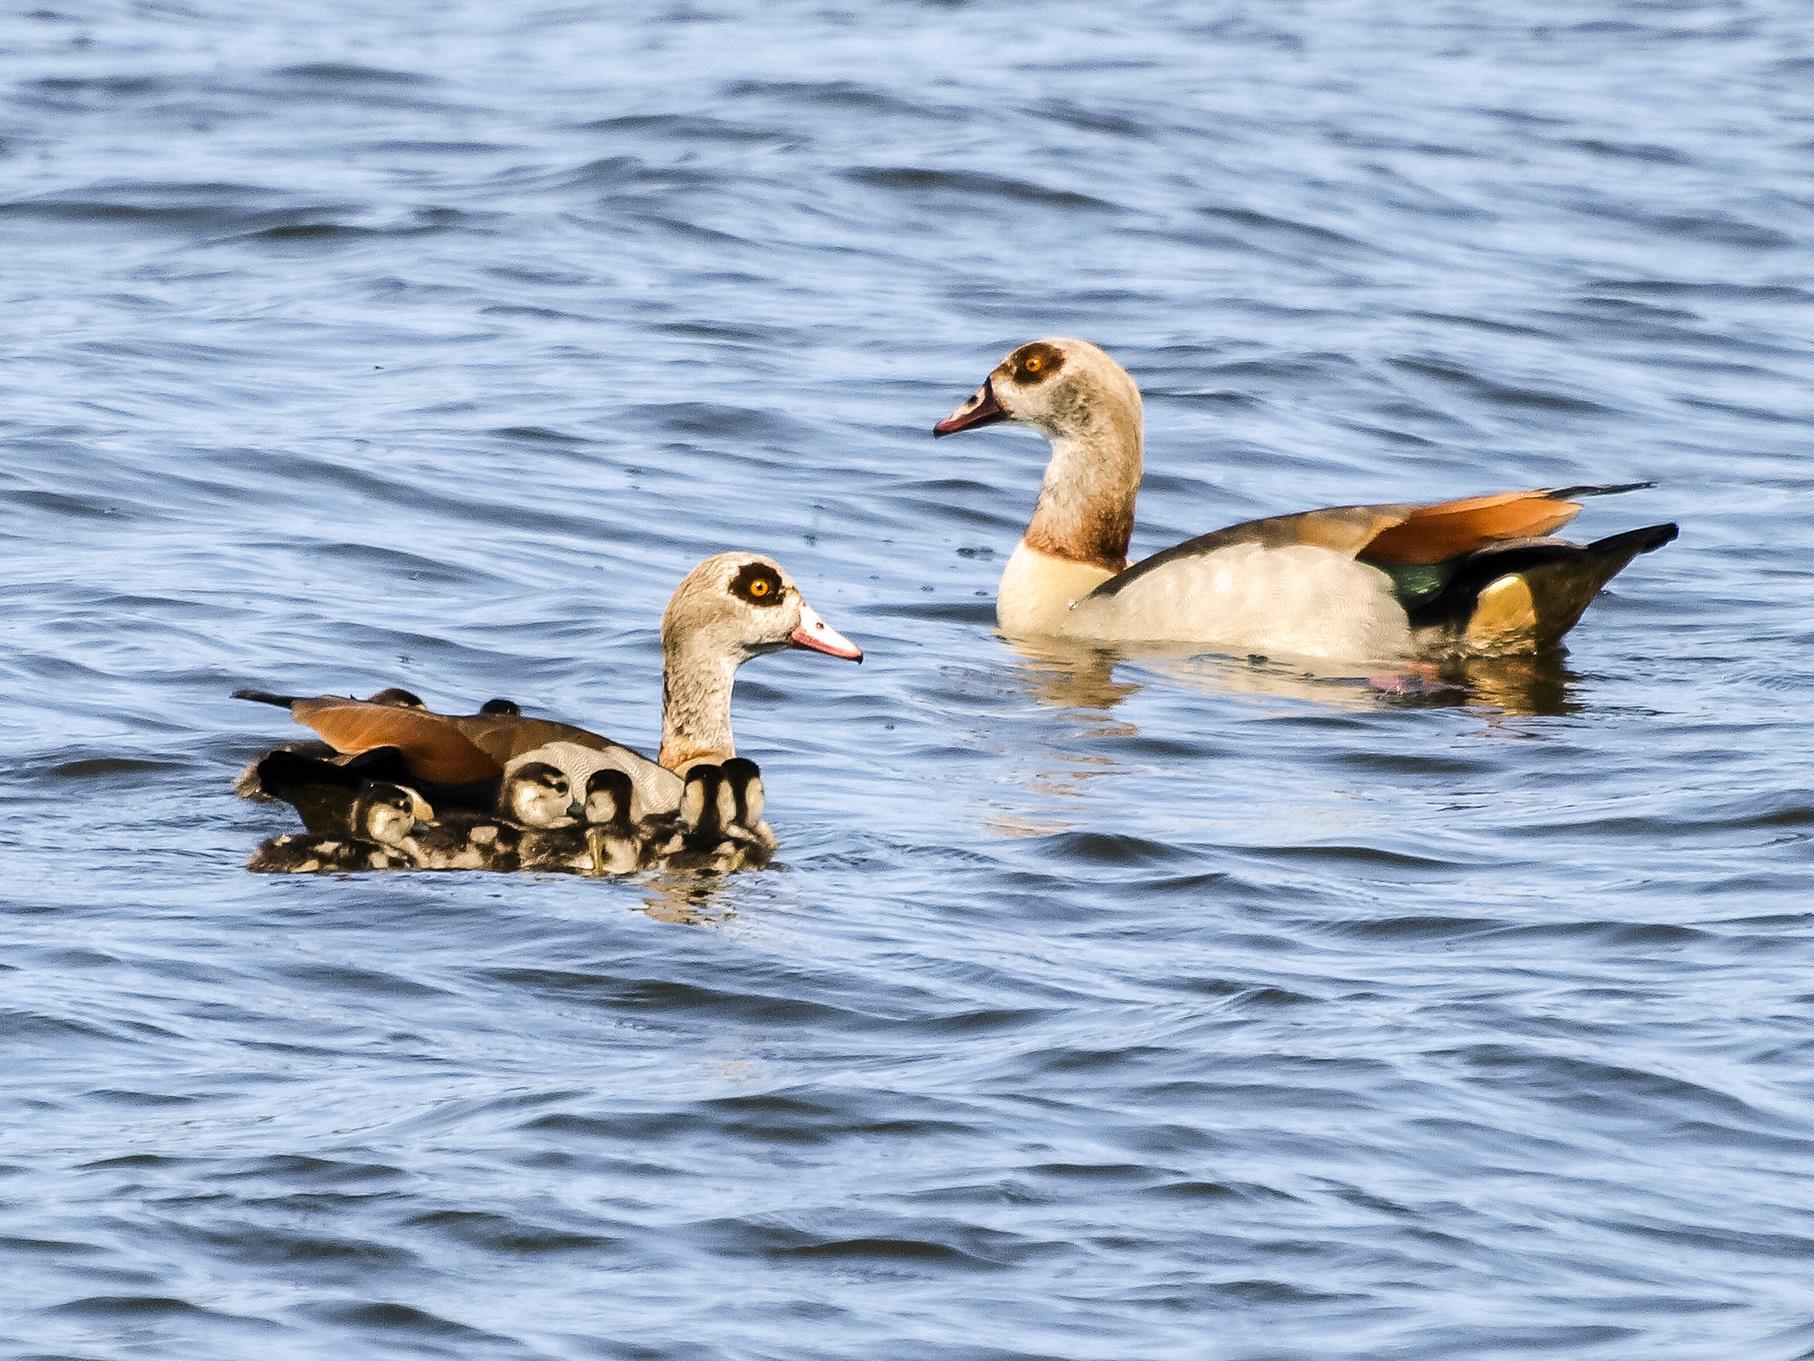 Eine Nilgans-Familie schwimmt auf dem Wasser.